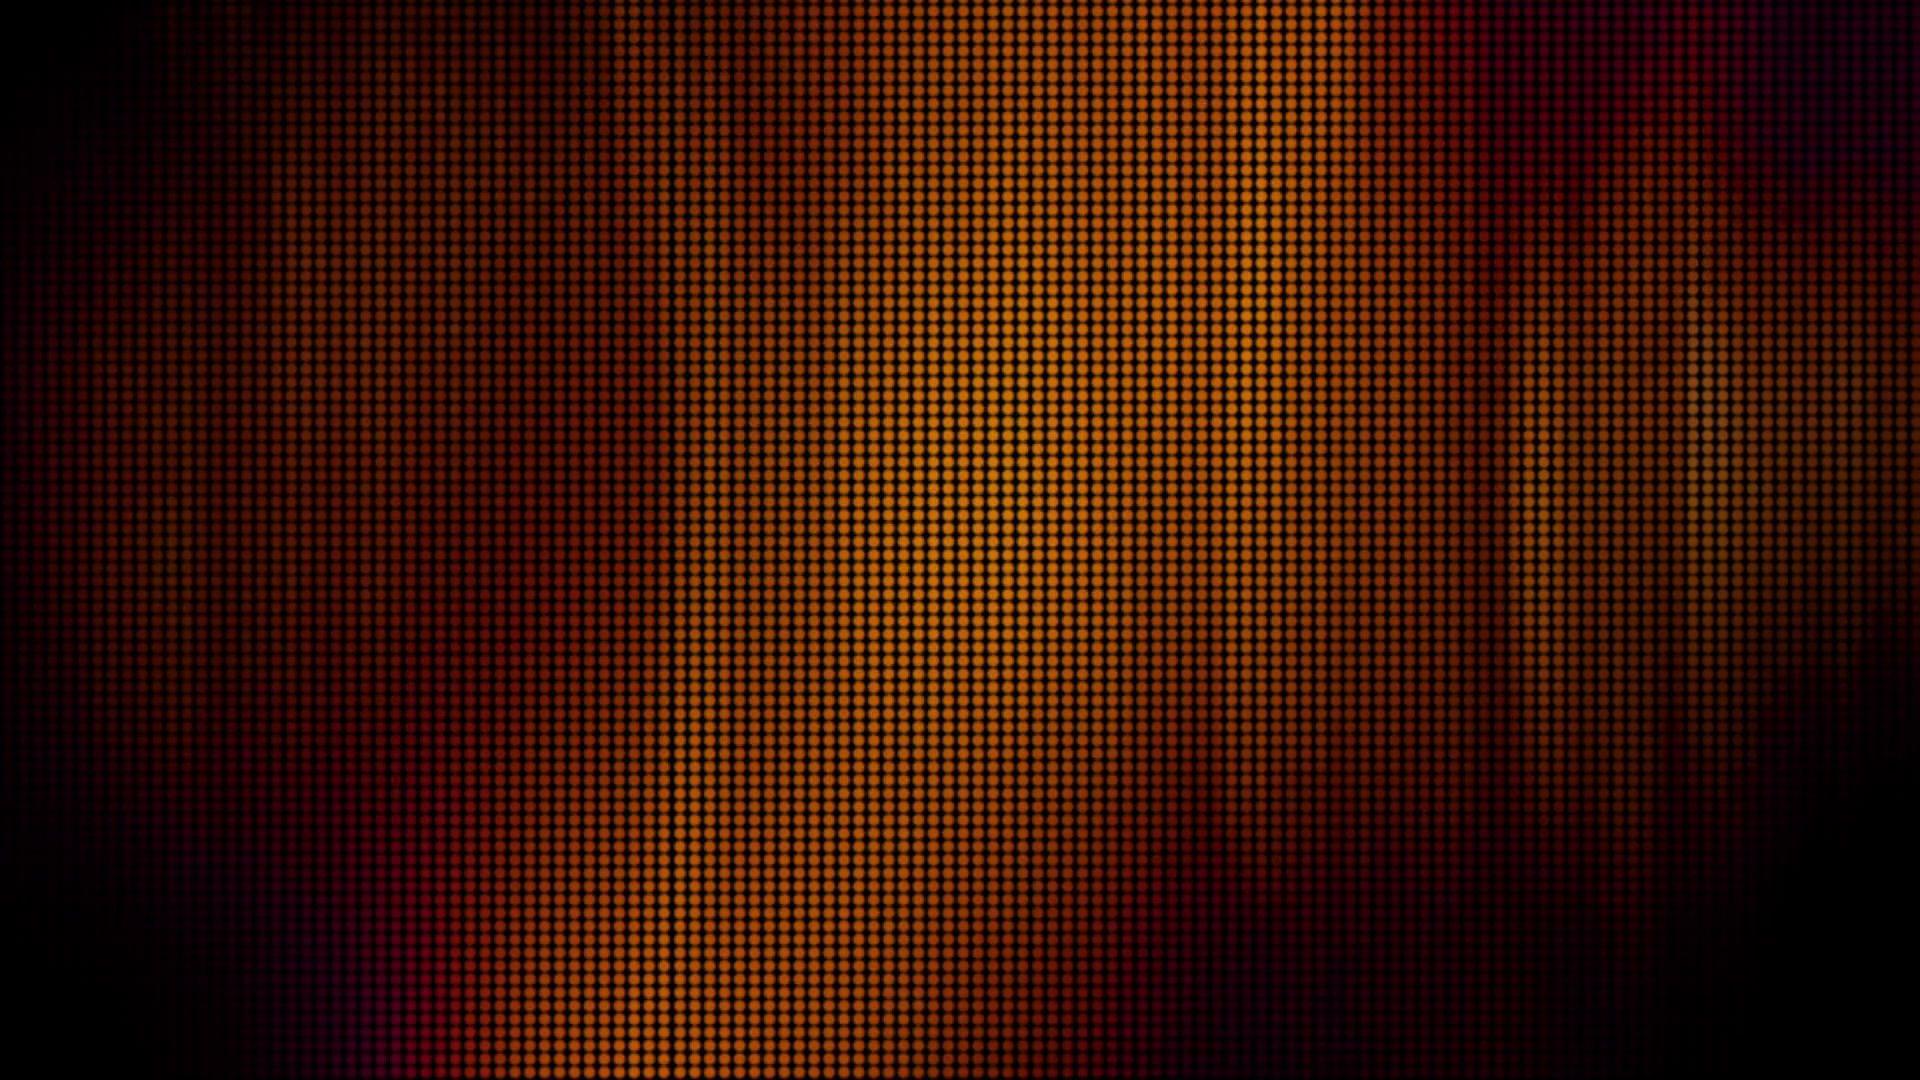 Black And Orange full wallpaper